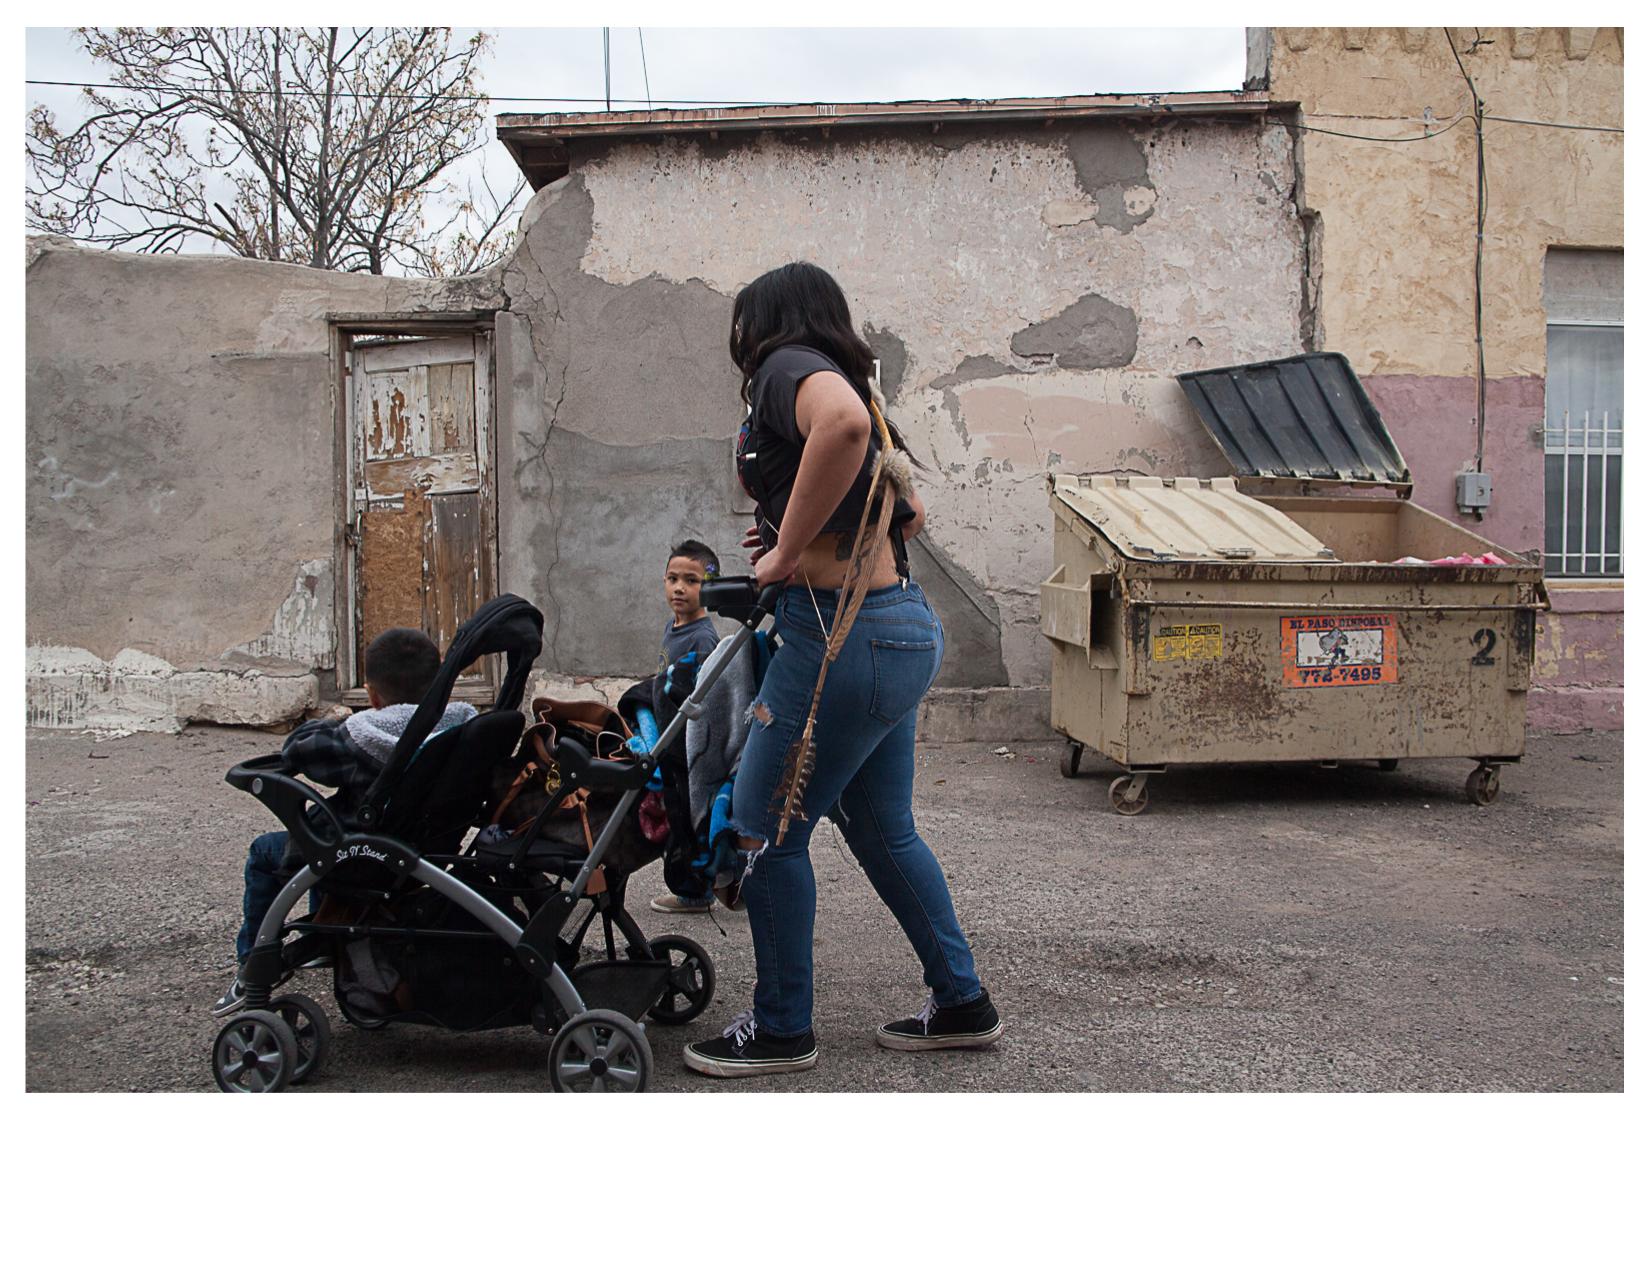 Family in Alley, El Segundo Bario, TX